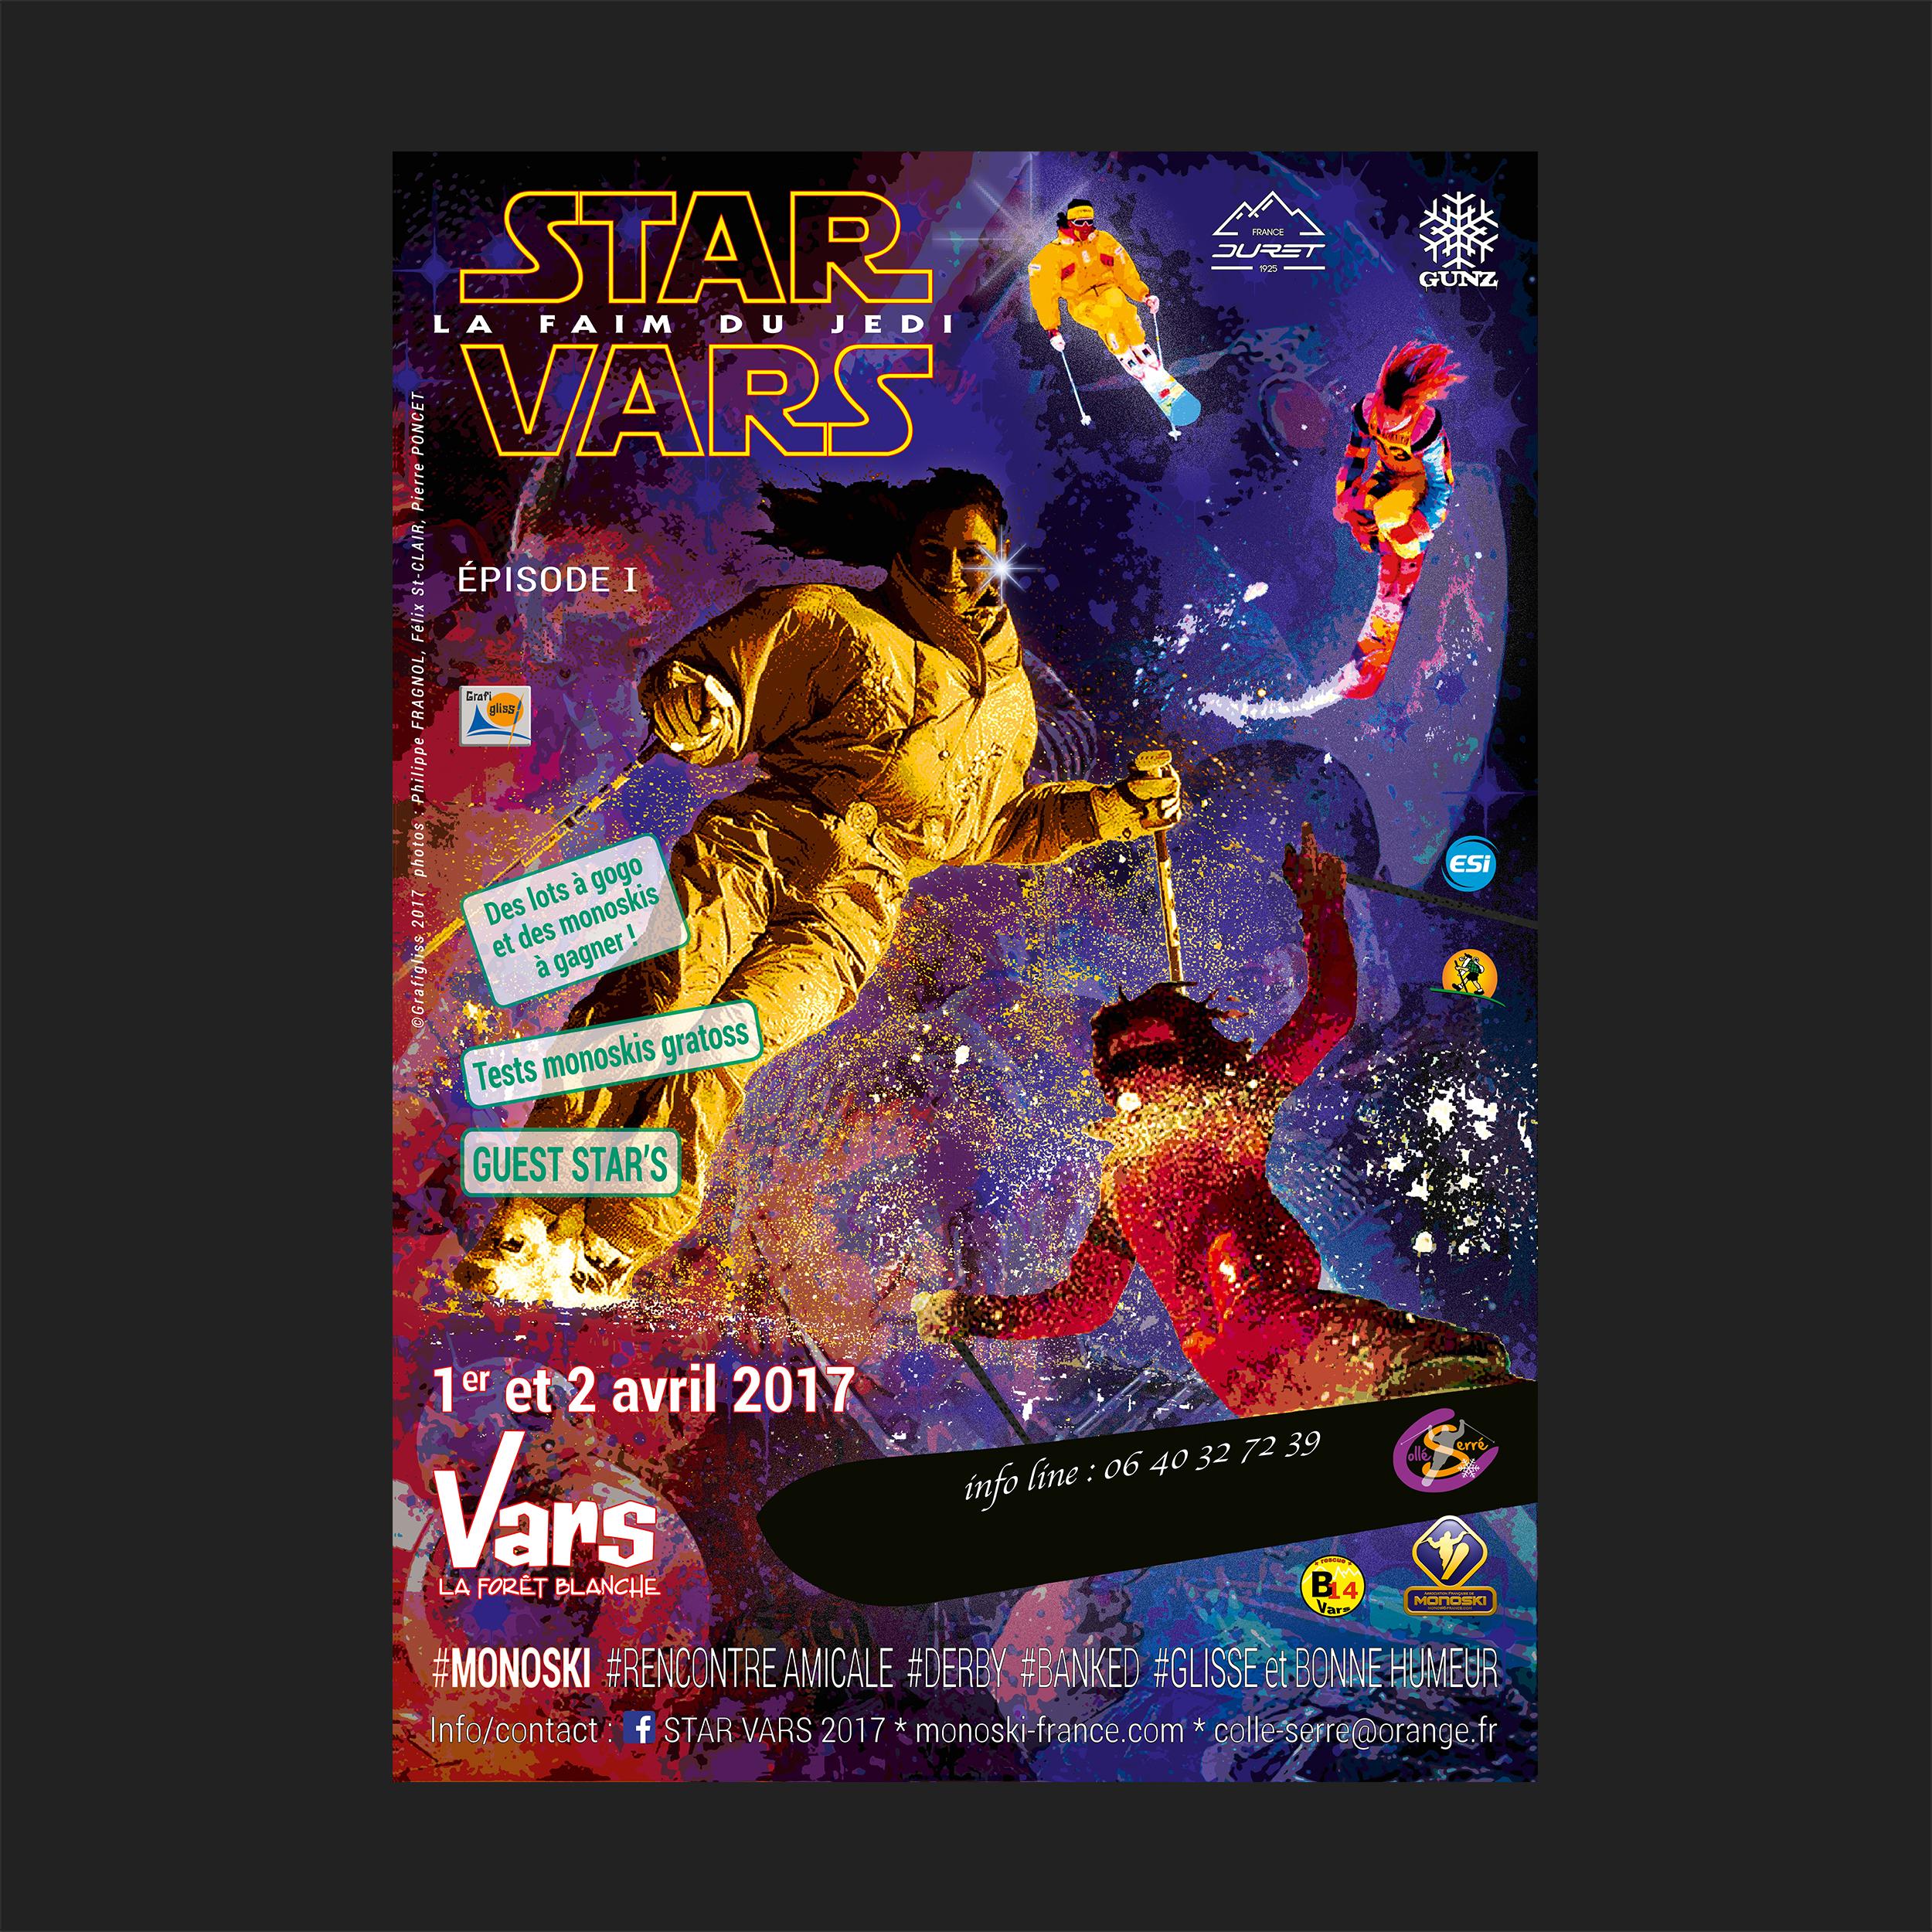 Affiche STARVARS 2017